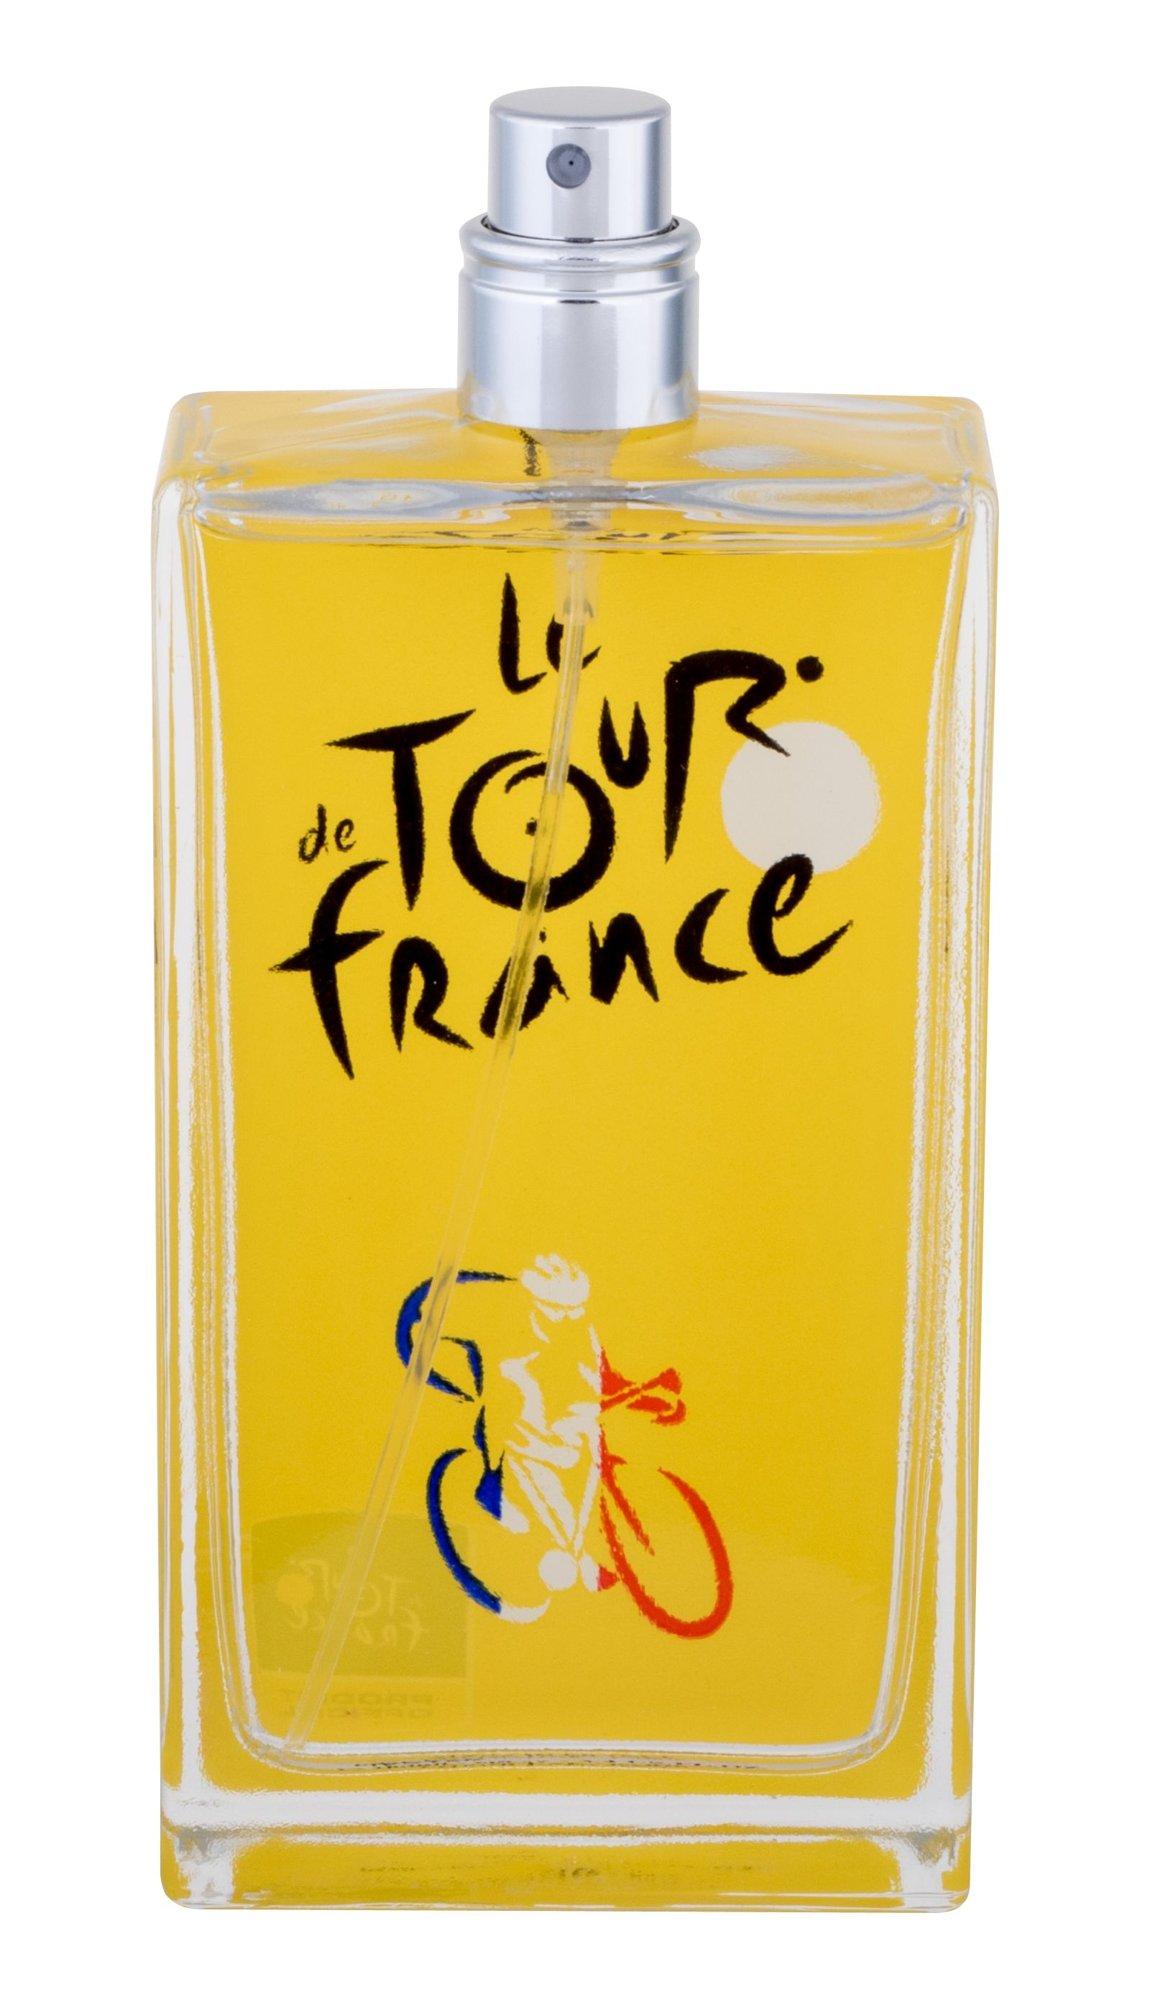 Le Tour de France Le Tour de France EDT 100ml